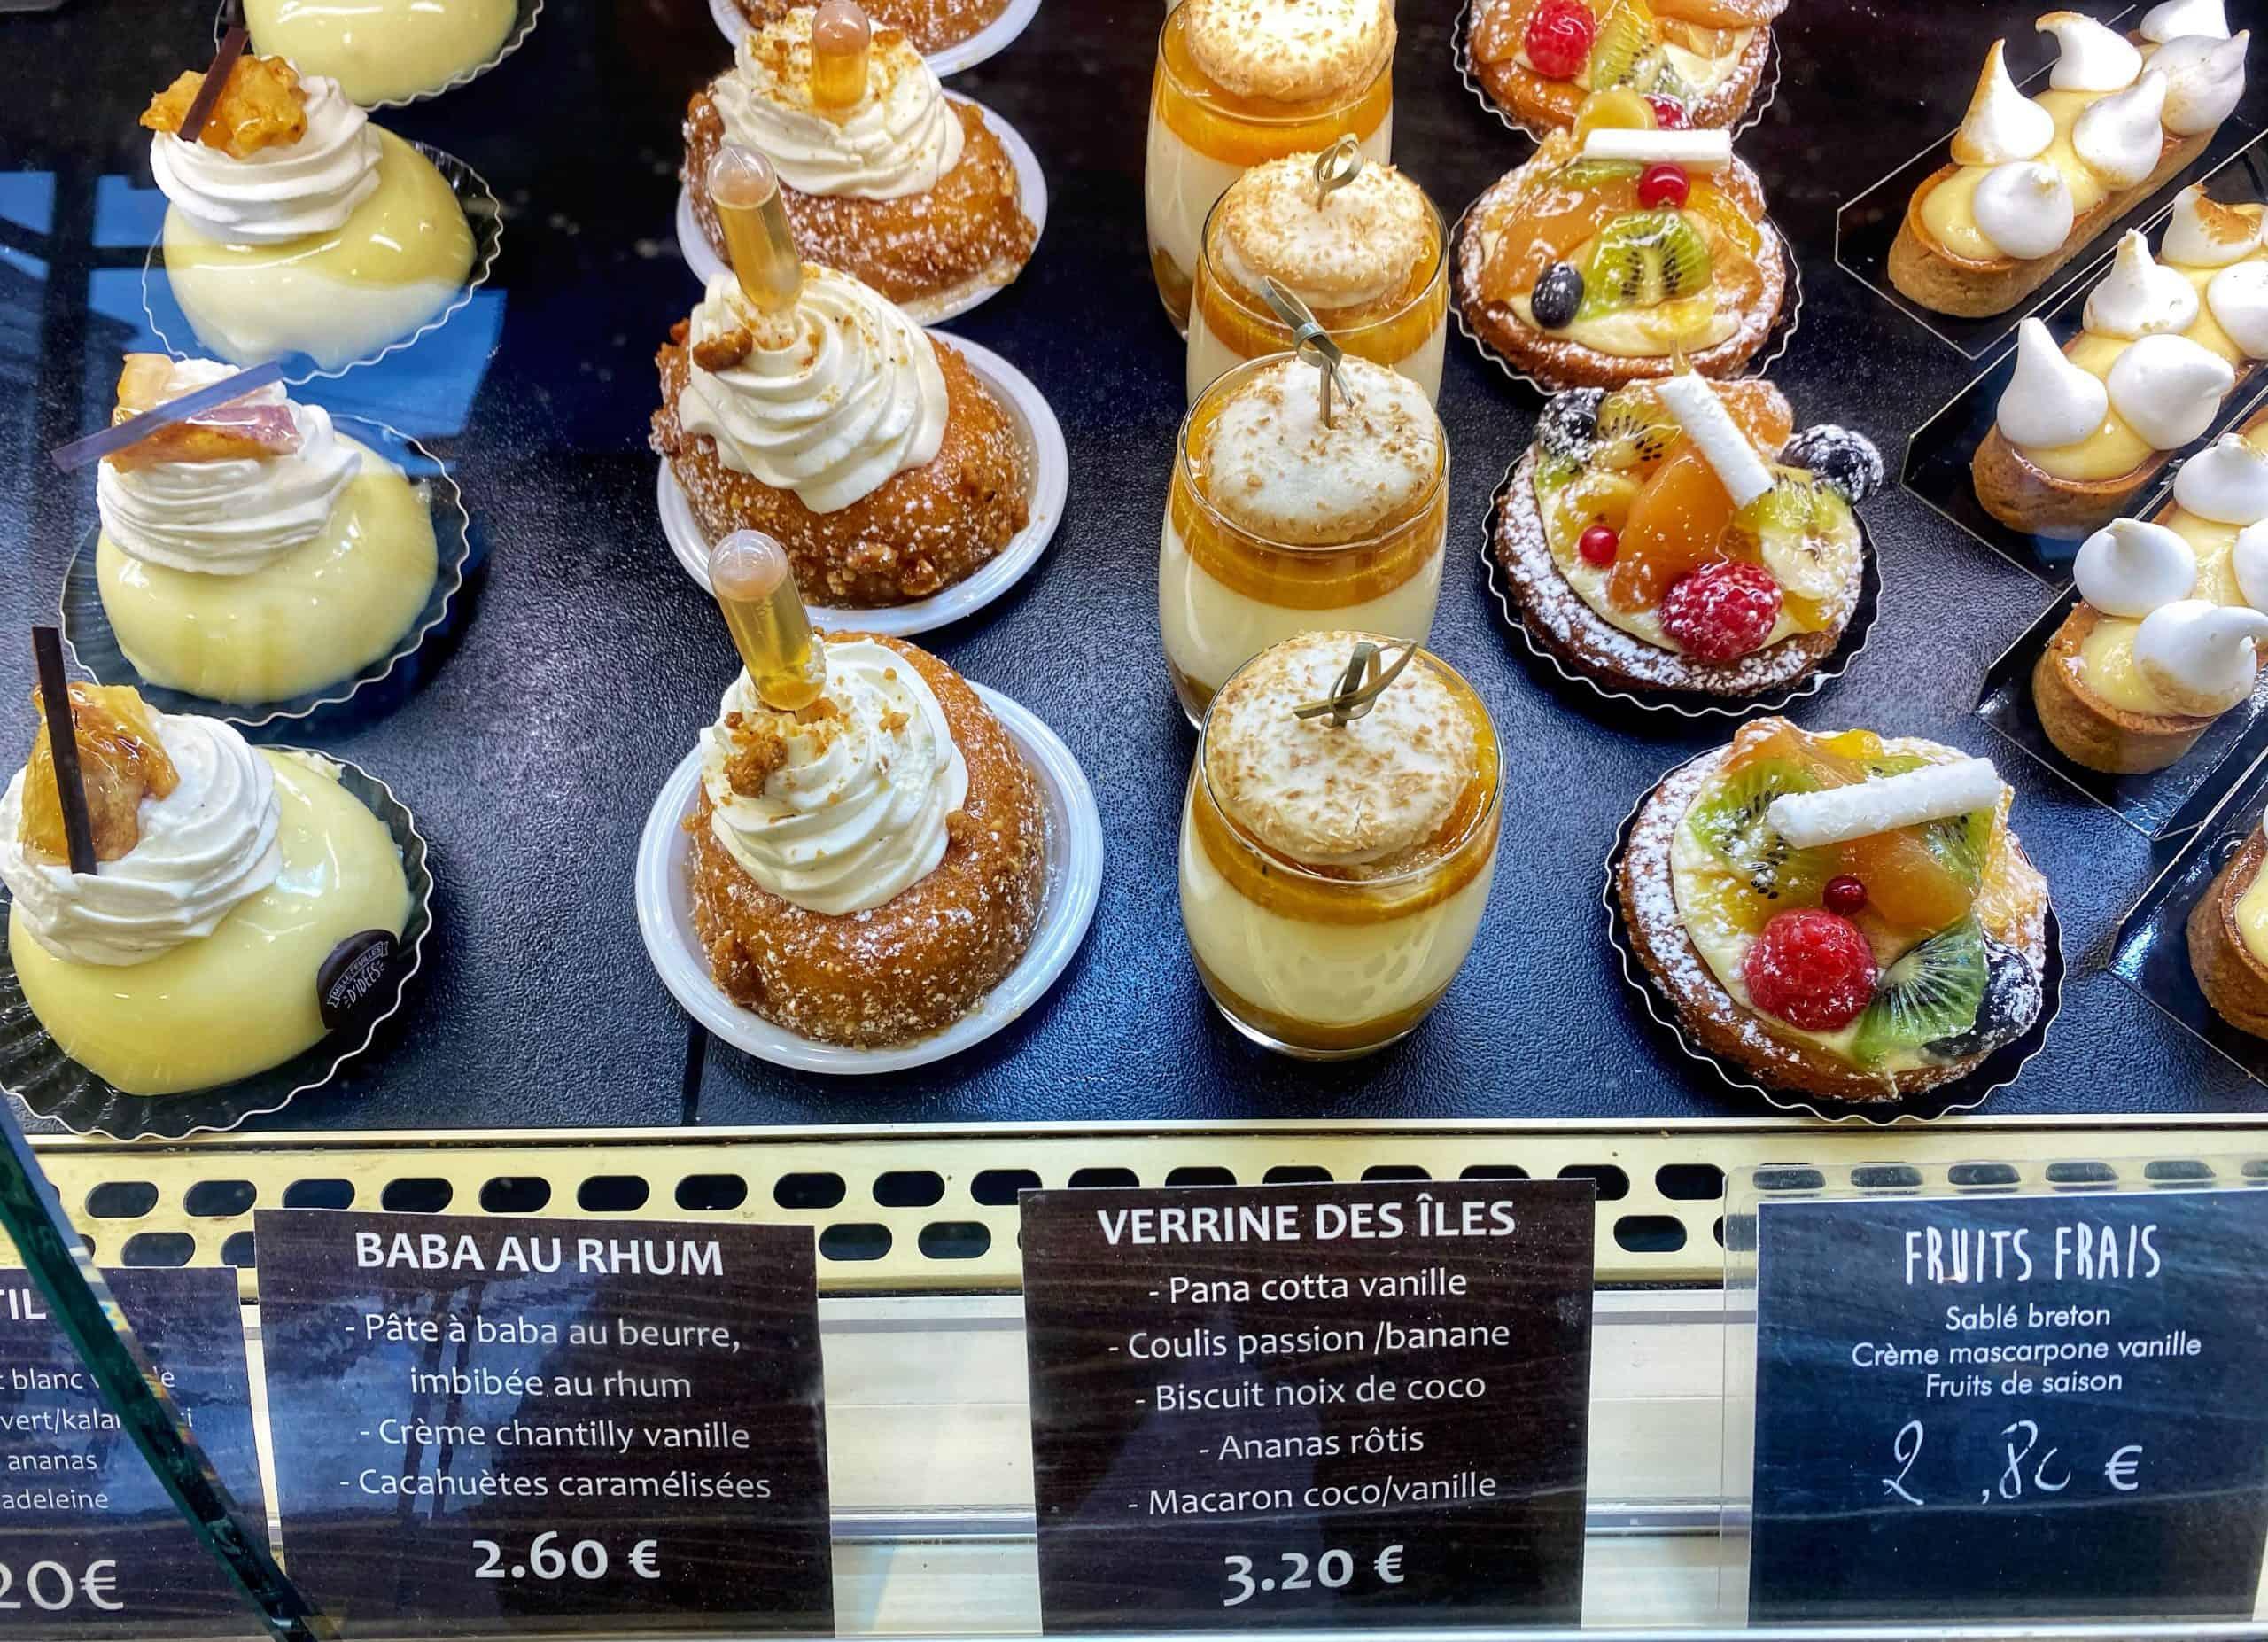 bakeries essential during lockdown